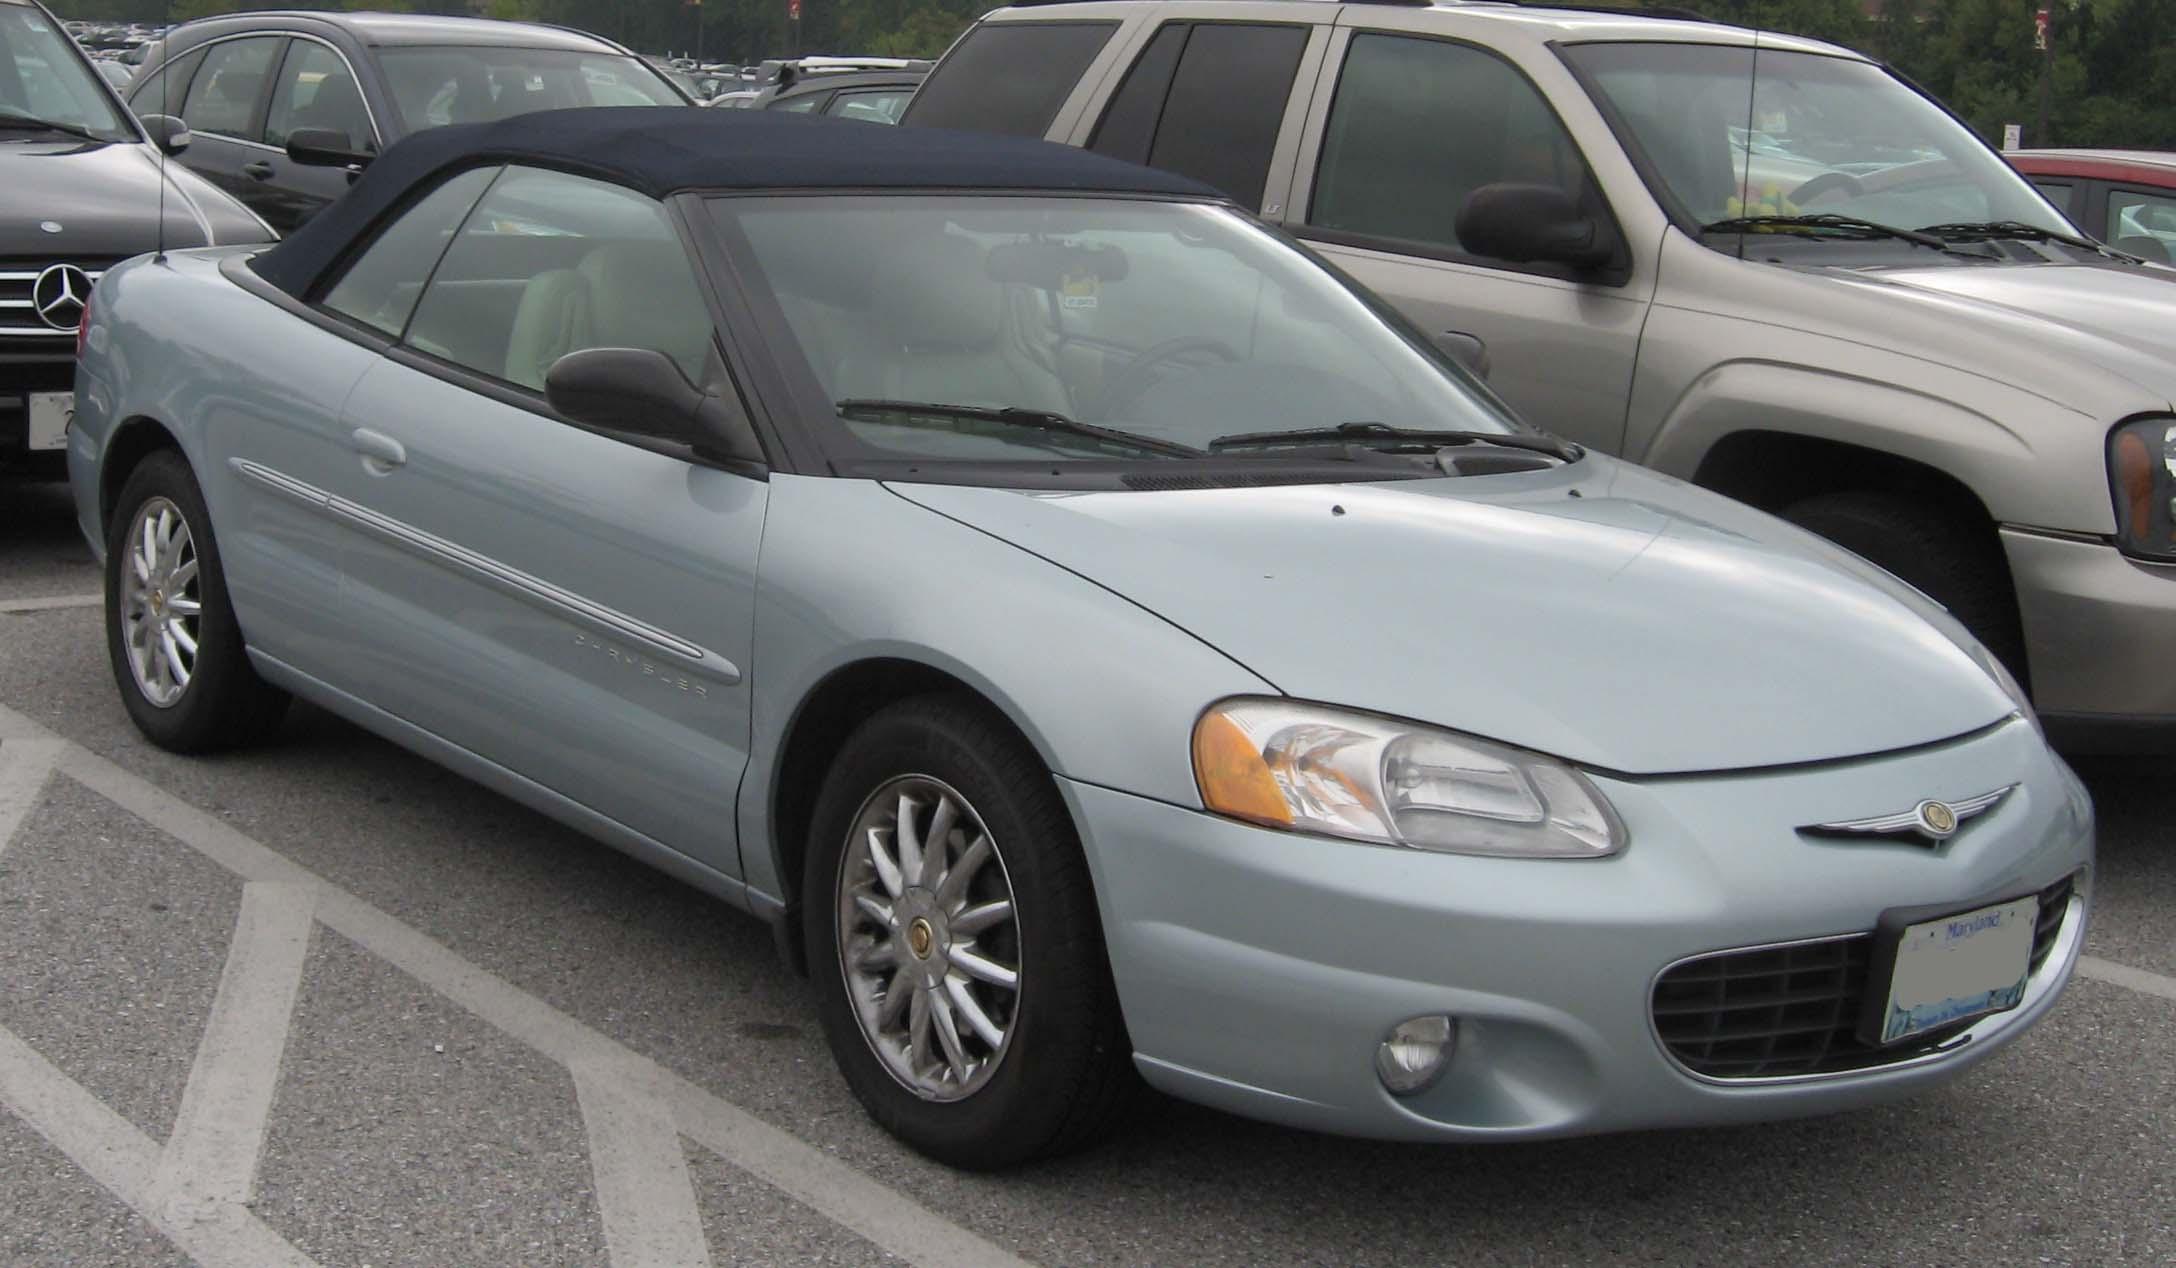 File:01-03 Chrysler Sebring convertible.jpg